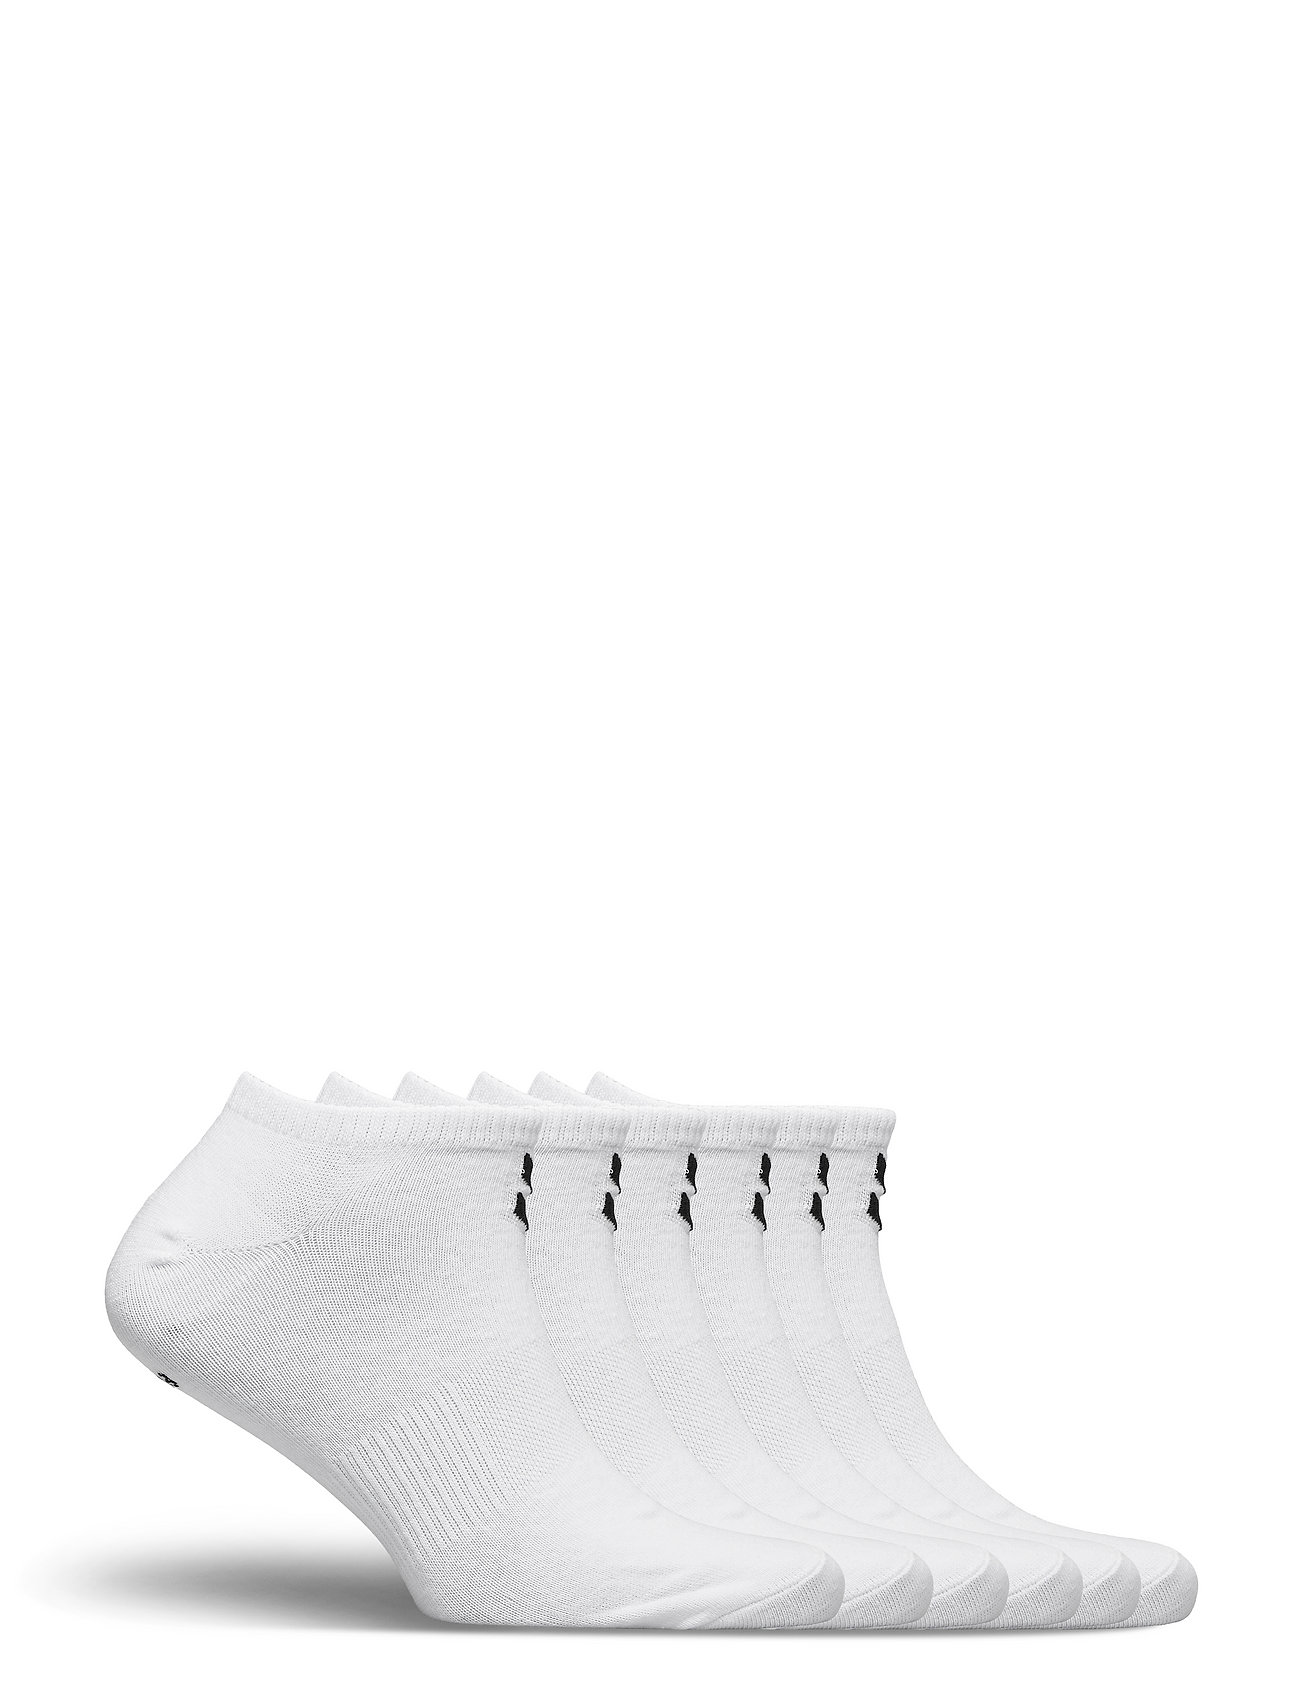 Hmlchevron 6-Pack Ankle Socks Ankelstrømper Korte Strømper Hvid Hummel